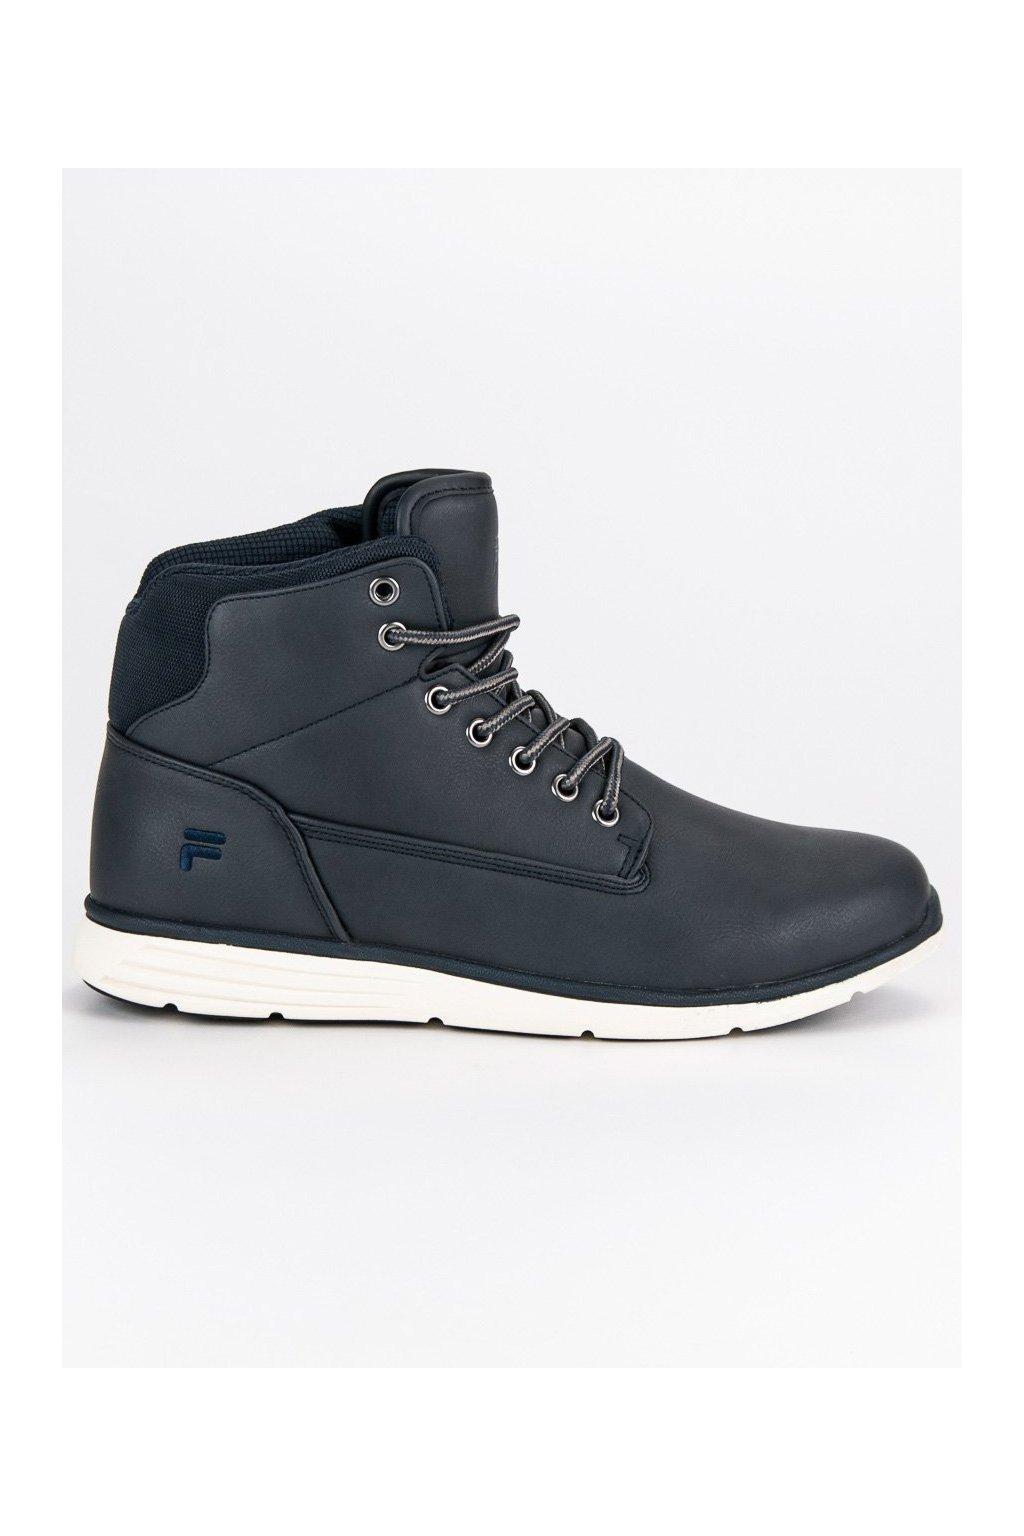 Pánske členkové topánky FILA LANCE MID modré  fb321ef5ec